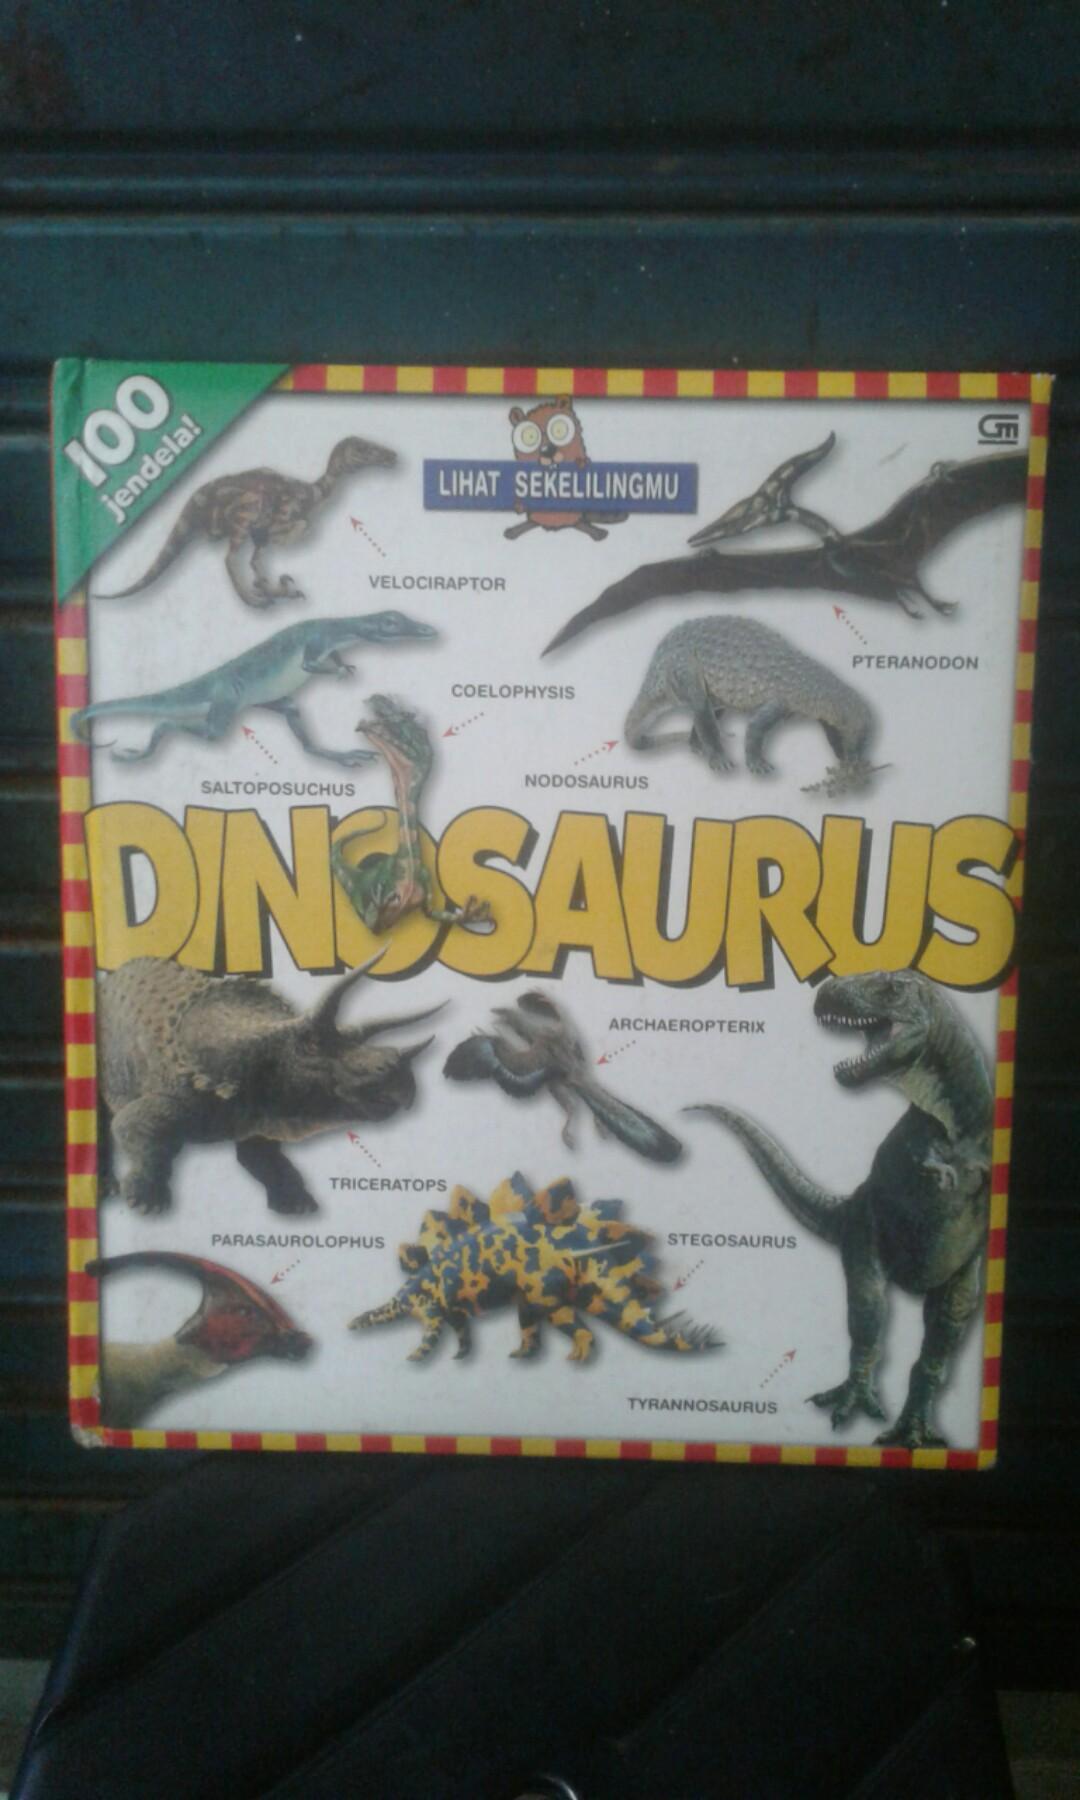 Lihat Sekeliling: Dinosaurs